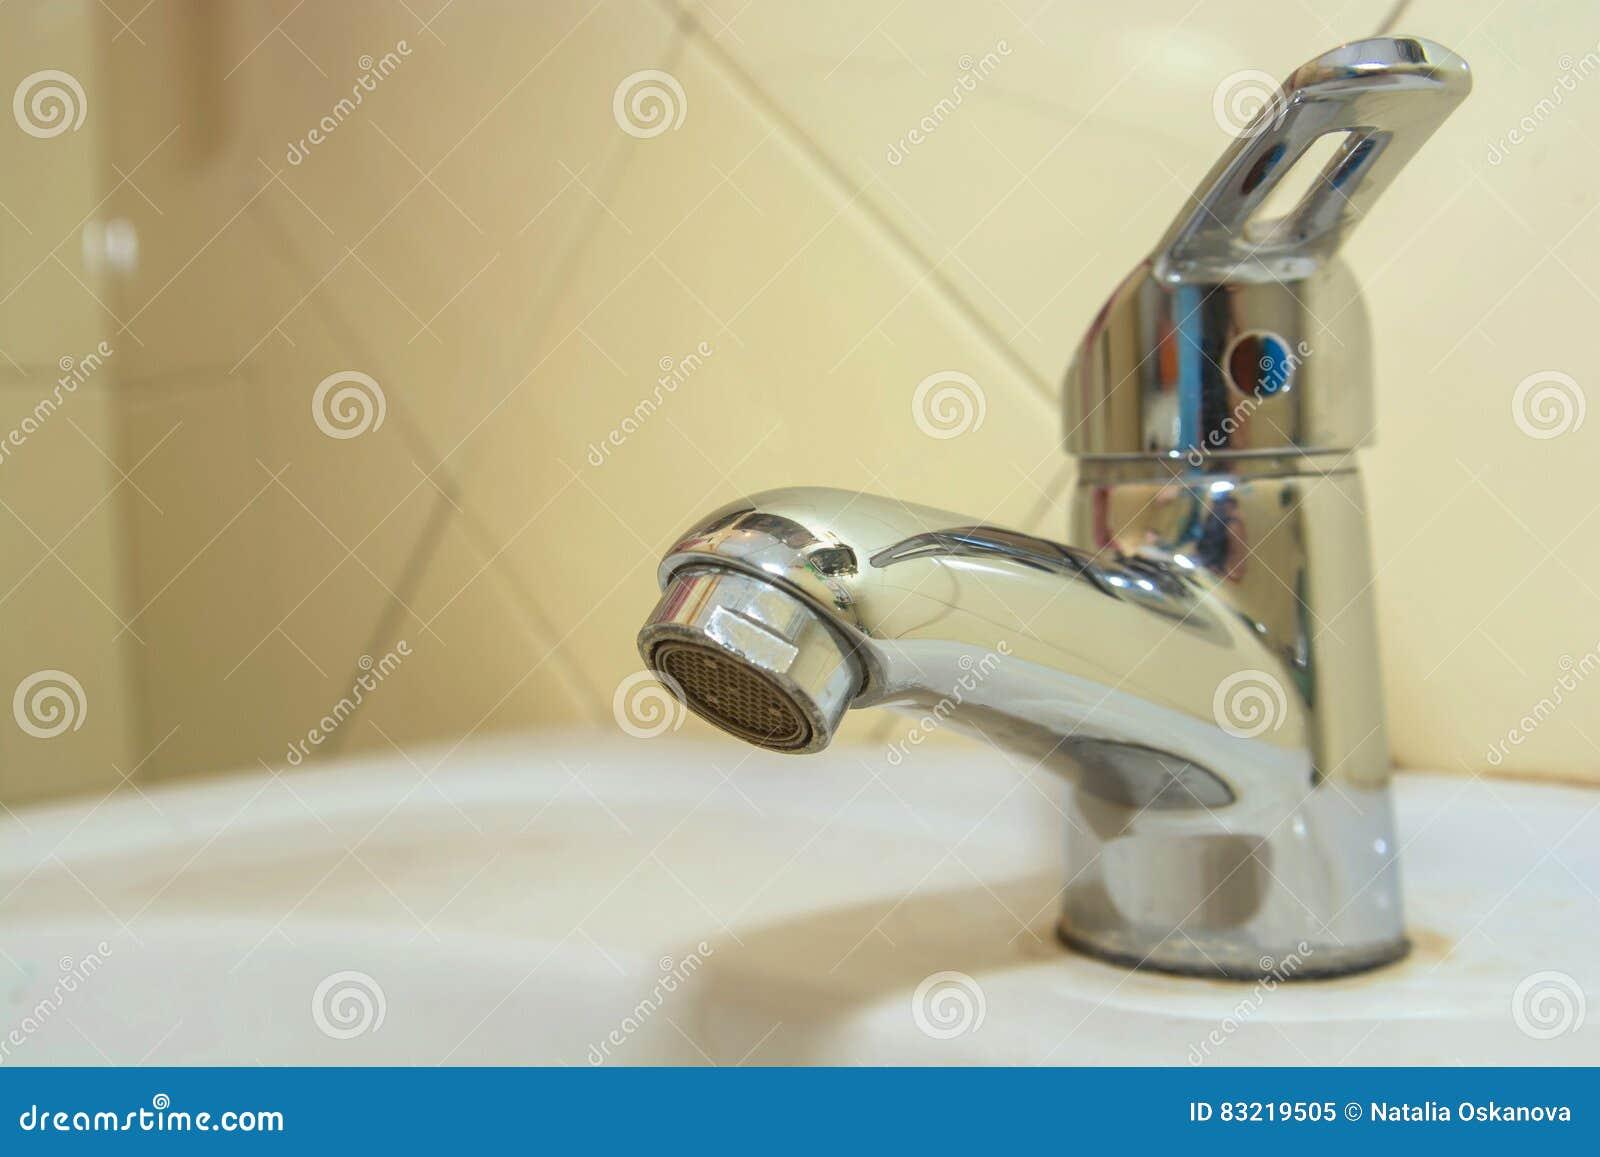 Lavandino moderno del bagno con il rubinetto del cromo - Lavandino bagno moderno ...